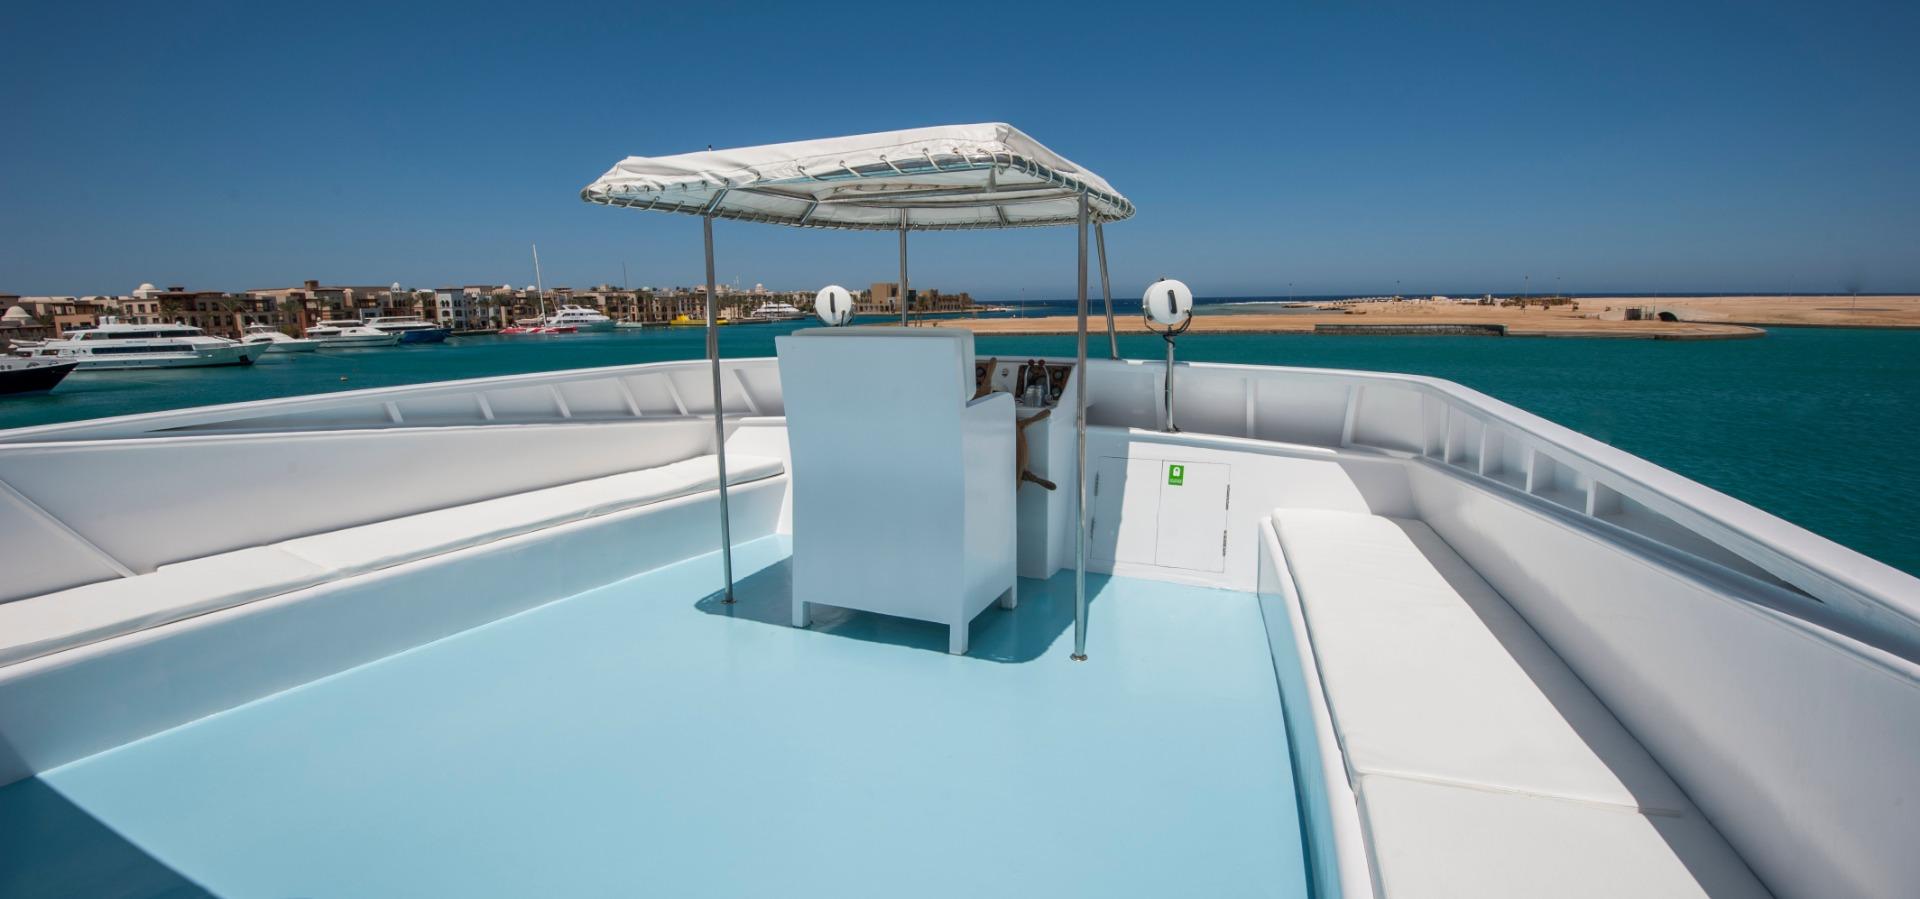 M/Y Red Sea Adventurer liveaboard diving vessel sundeck